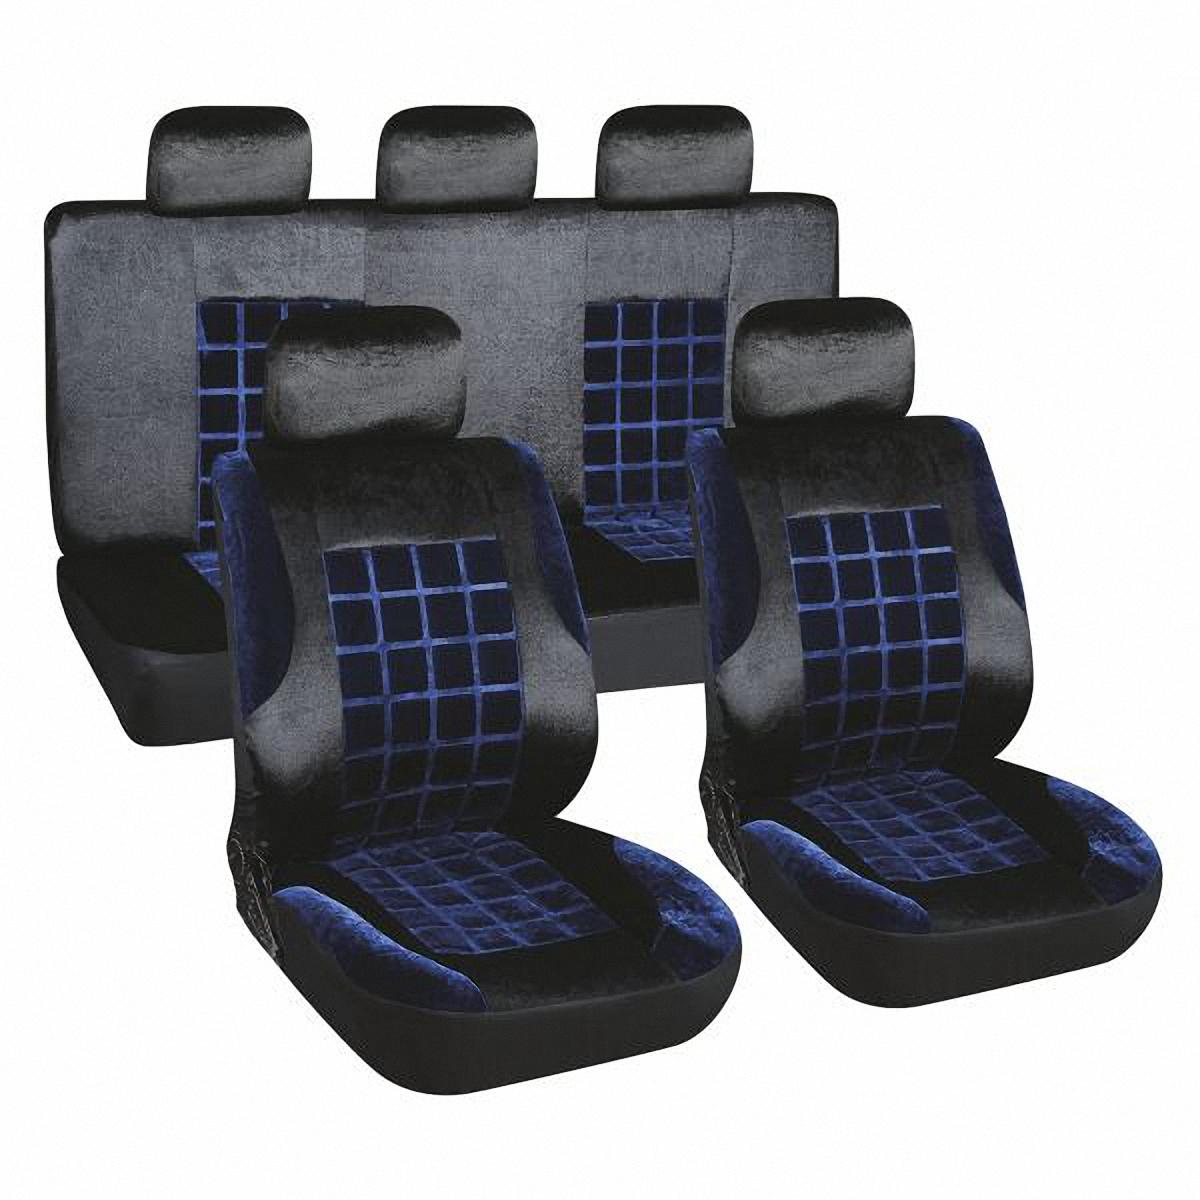 Чехлы автомобильные Skyway. S01301155V002-D2Комплект классических универсальных автомобильных чехлов Skyway S01301155 изготовлен из вельвета. Чехлы защитят обивку сидений от вытирания и выцветания. Благодаря структуре ткани, обеспечивается улучшенная вентиляция кресел, что позволяет сделать более комфортными долгое пребывание за рулем во время дальней поездки.